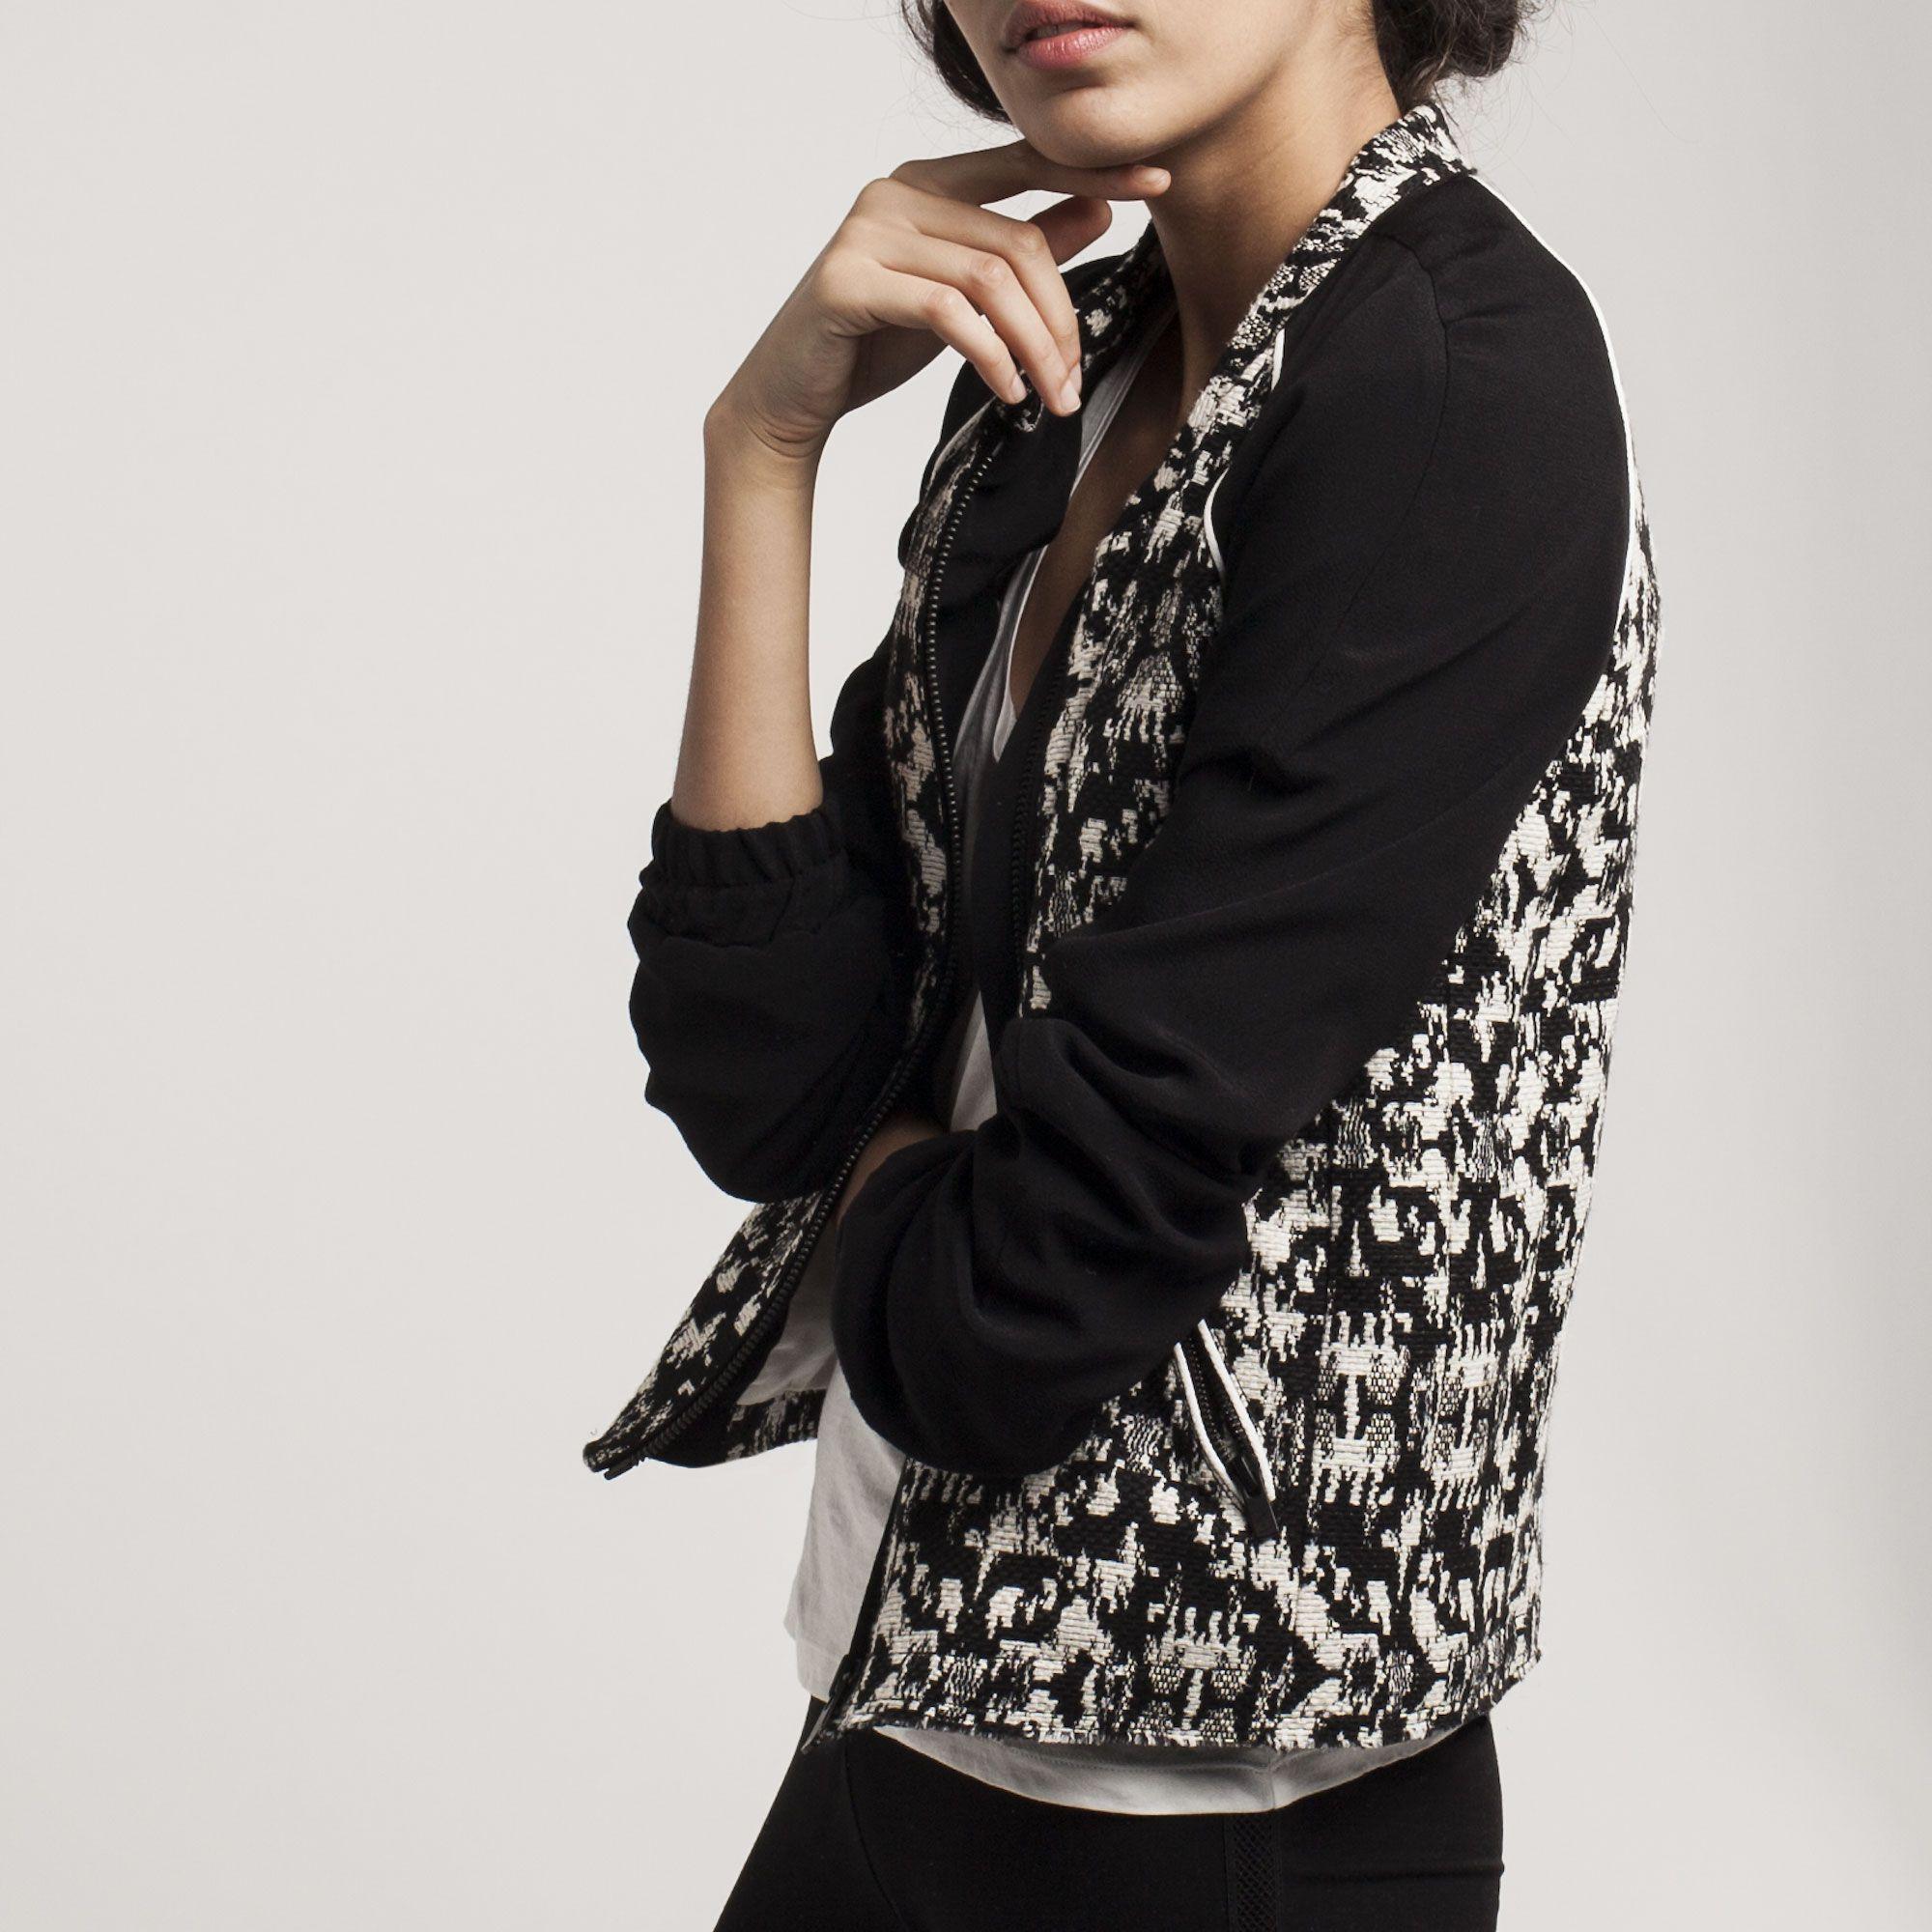 Blouson Teddy Jacquard Veste Pinterest Femme Ikks Mode dYRxCq1w